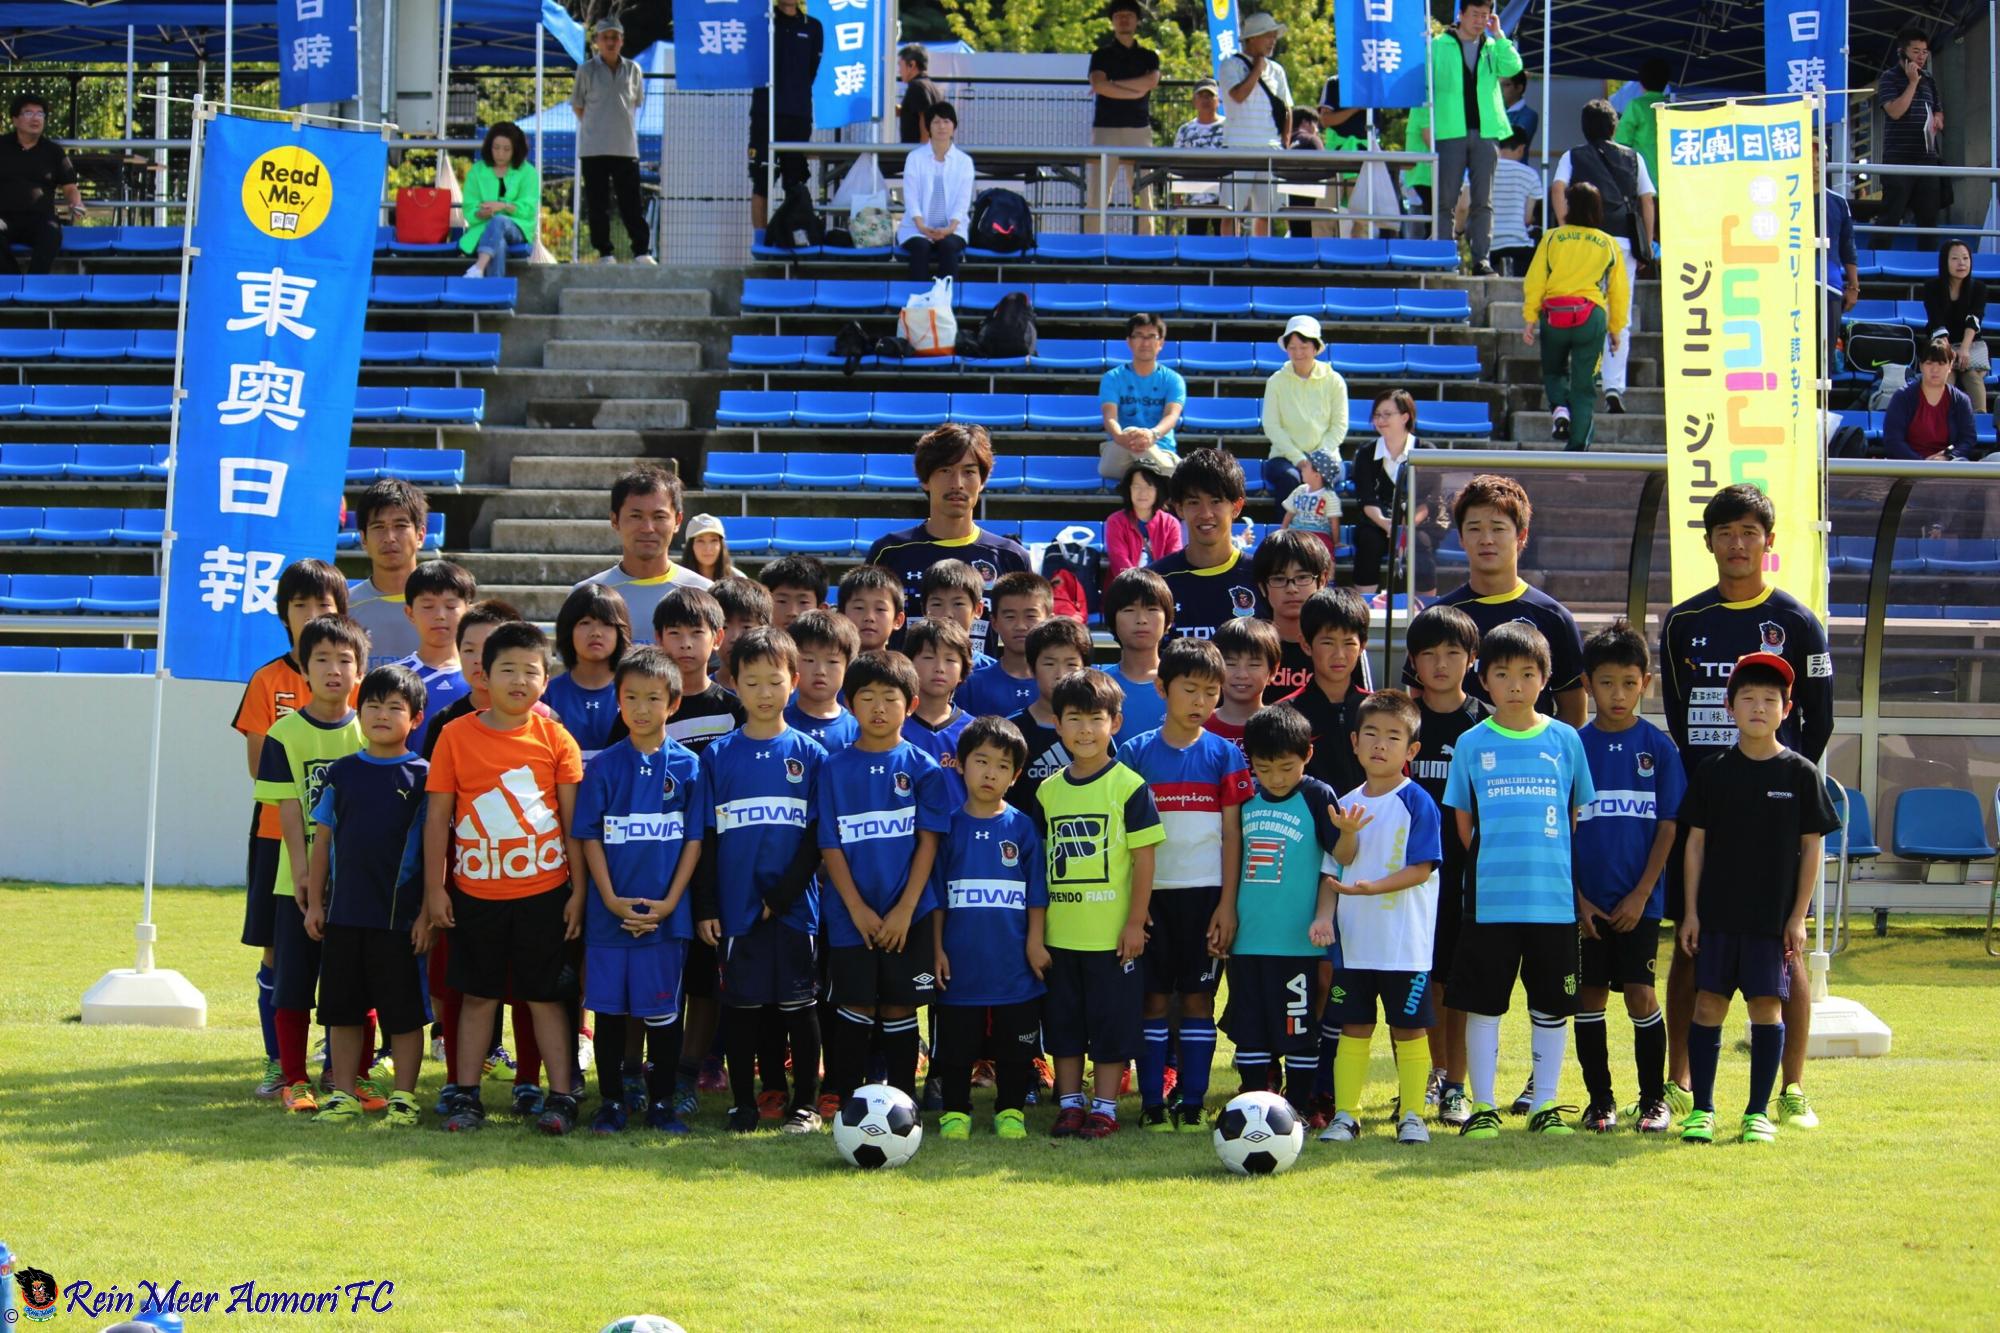 「東奥日報 JuniJuni サッカー教室」